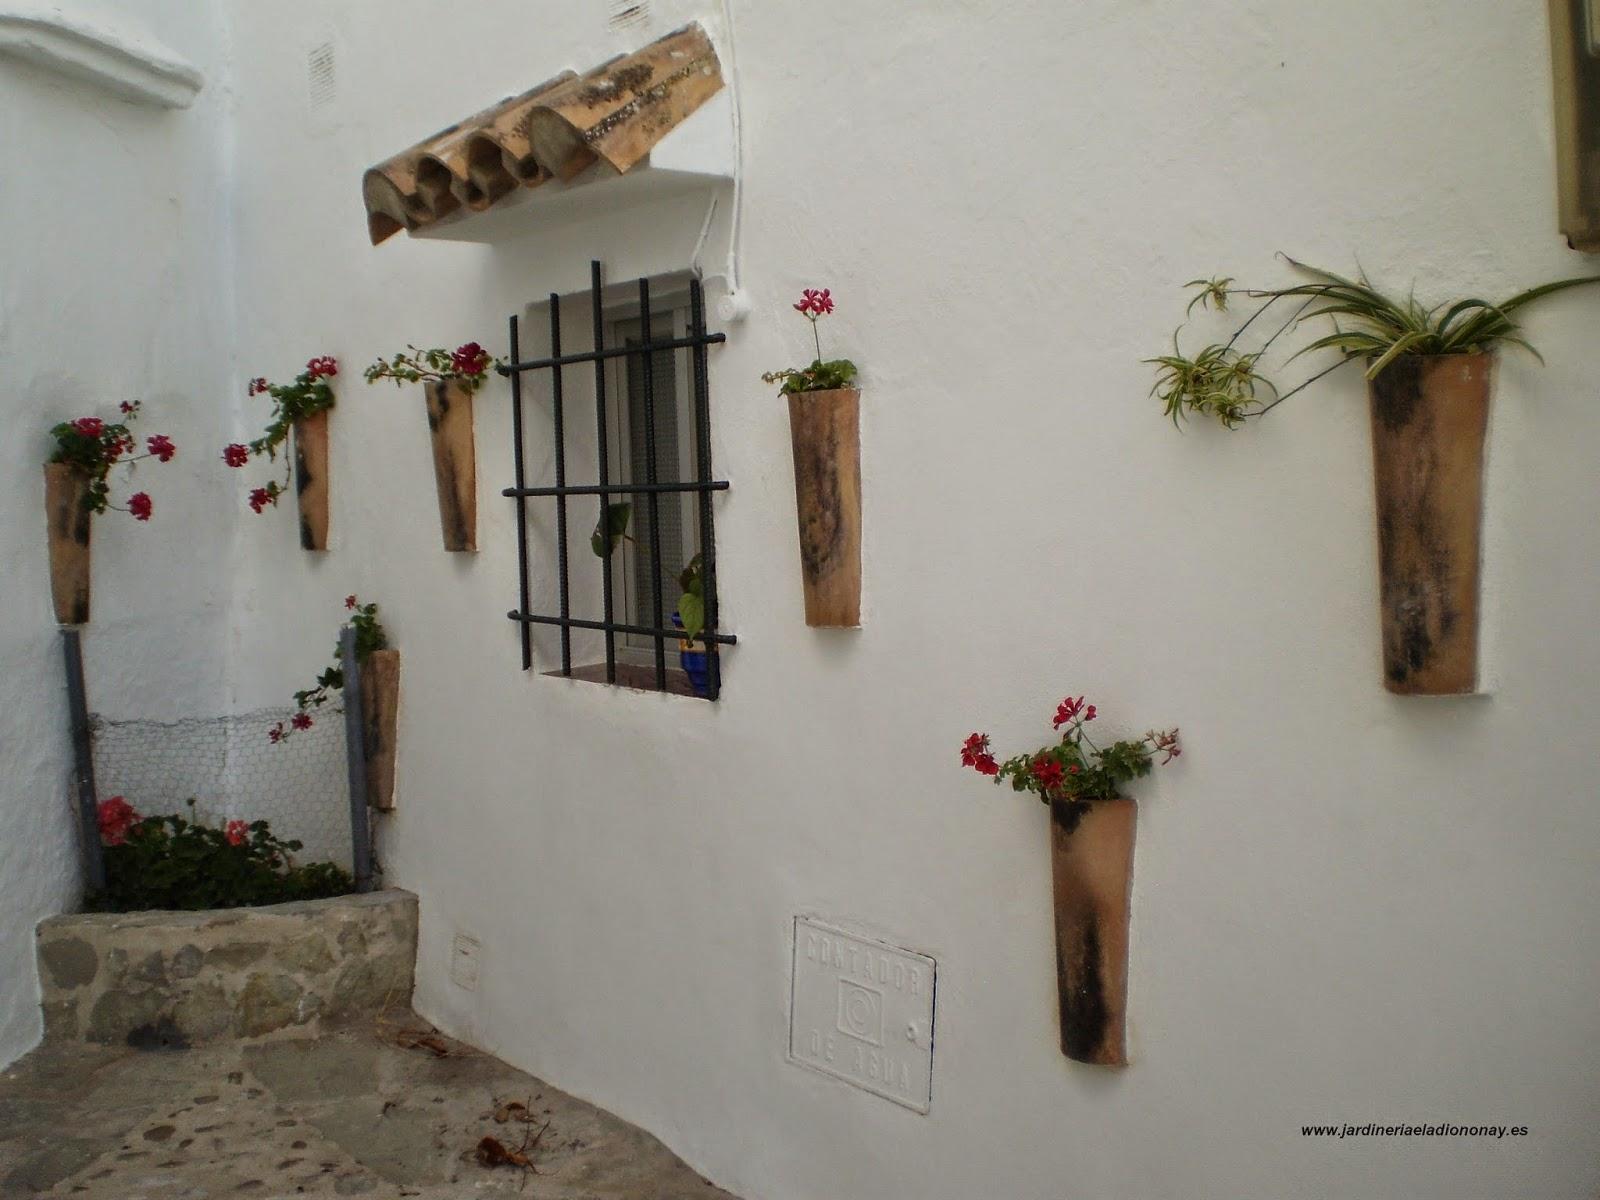 Jardineria eladio nonay tejas a modo de macetas for Paredes focales